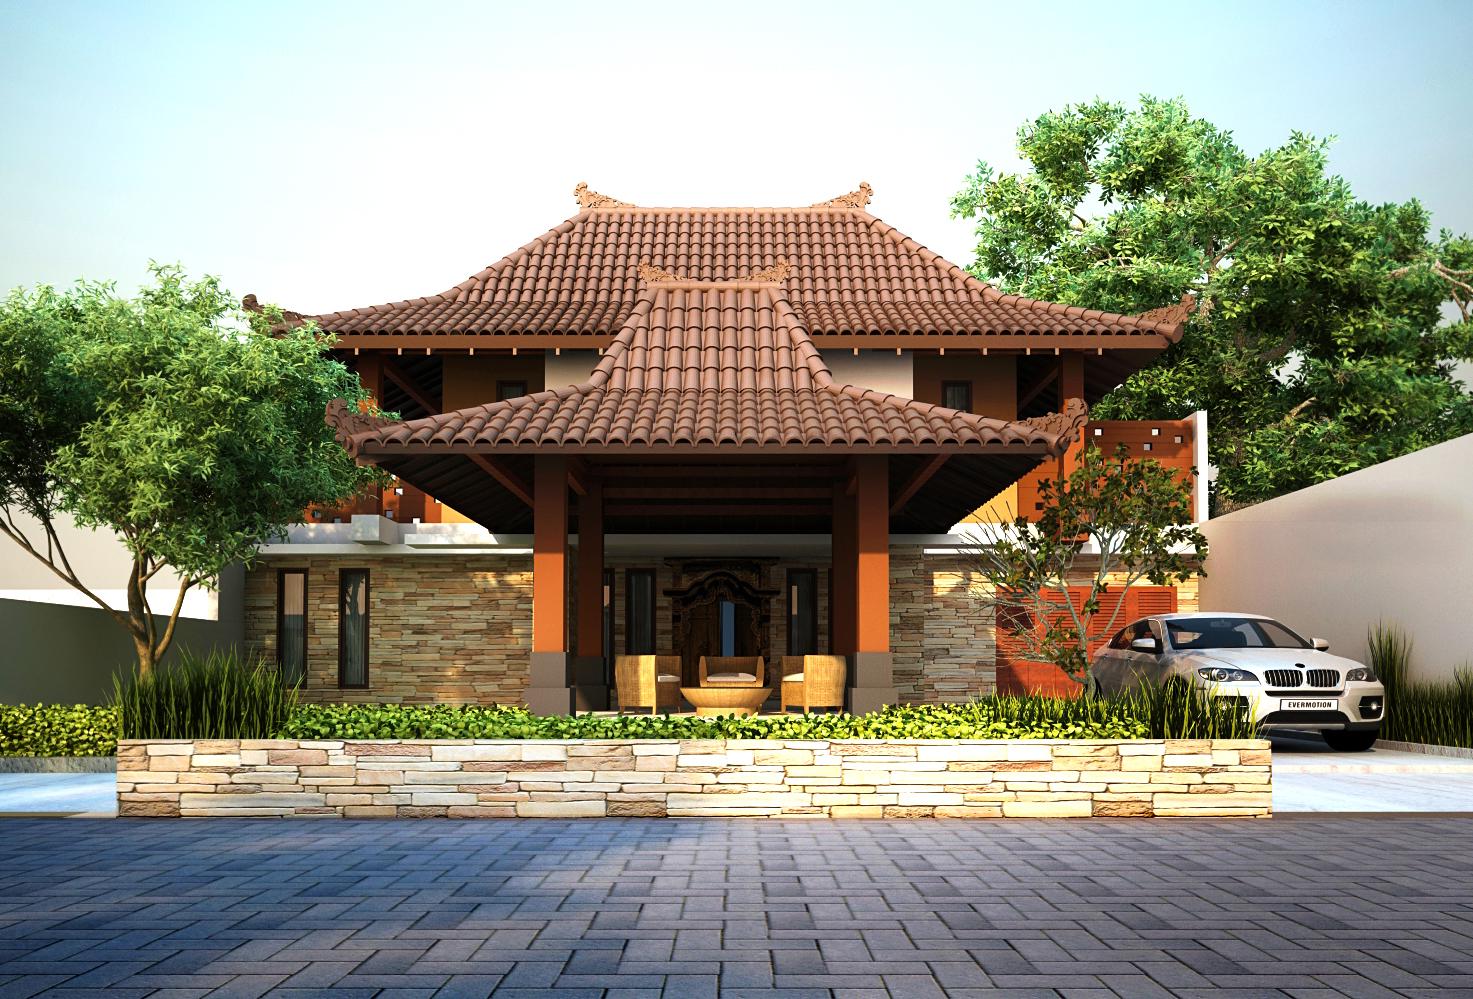 102 Desain Rumah Minimalis Modern Jawa Gambar Desain Rumah Minimalis